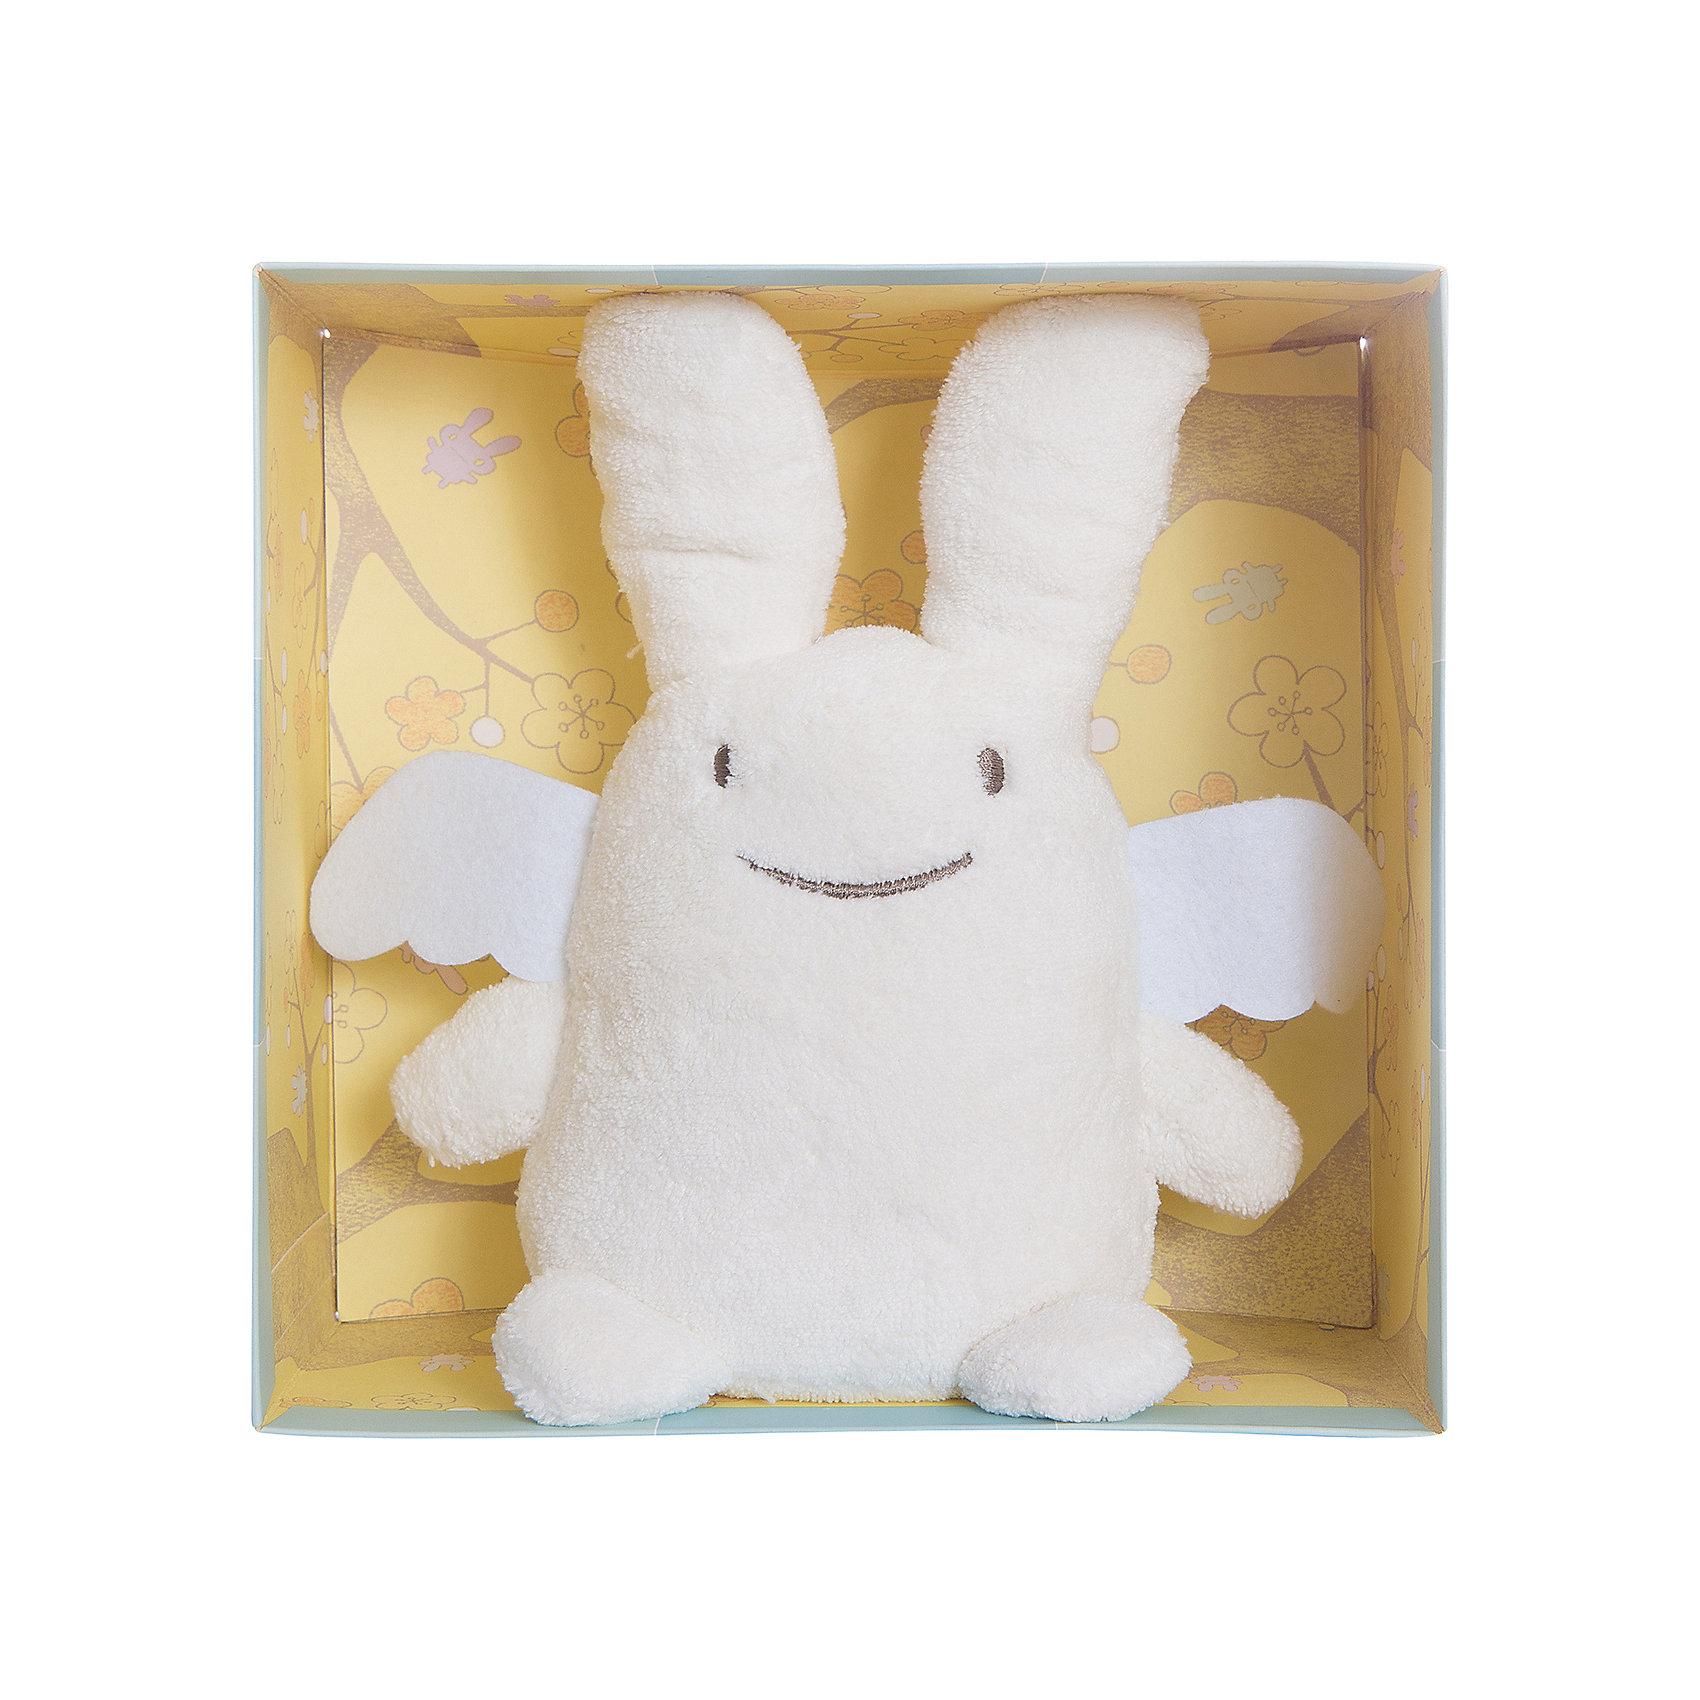 trousselier мягкая озвученная игрушка зайка цвет фуксия 25 см TROUSSELIER Мягкая игрушка Зайка с крылышками, музыкальный, 24см, Trousselier